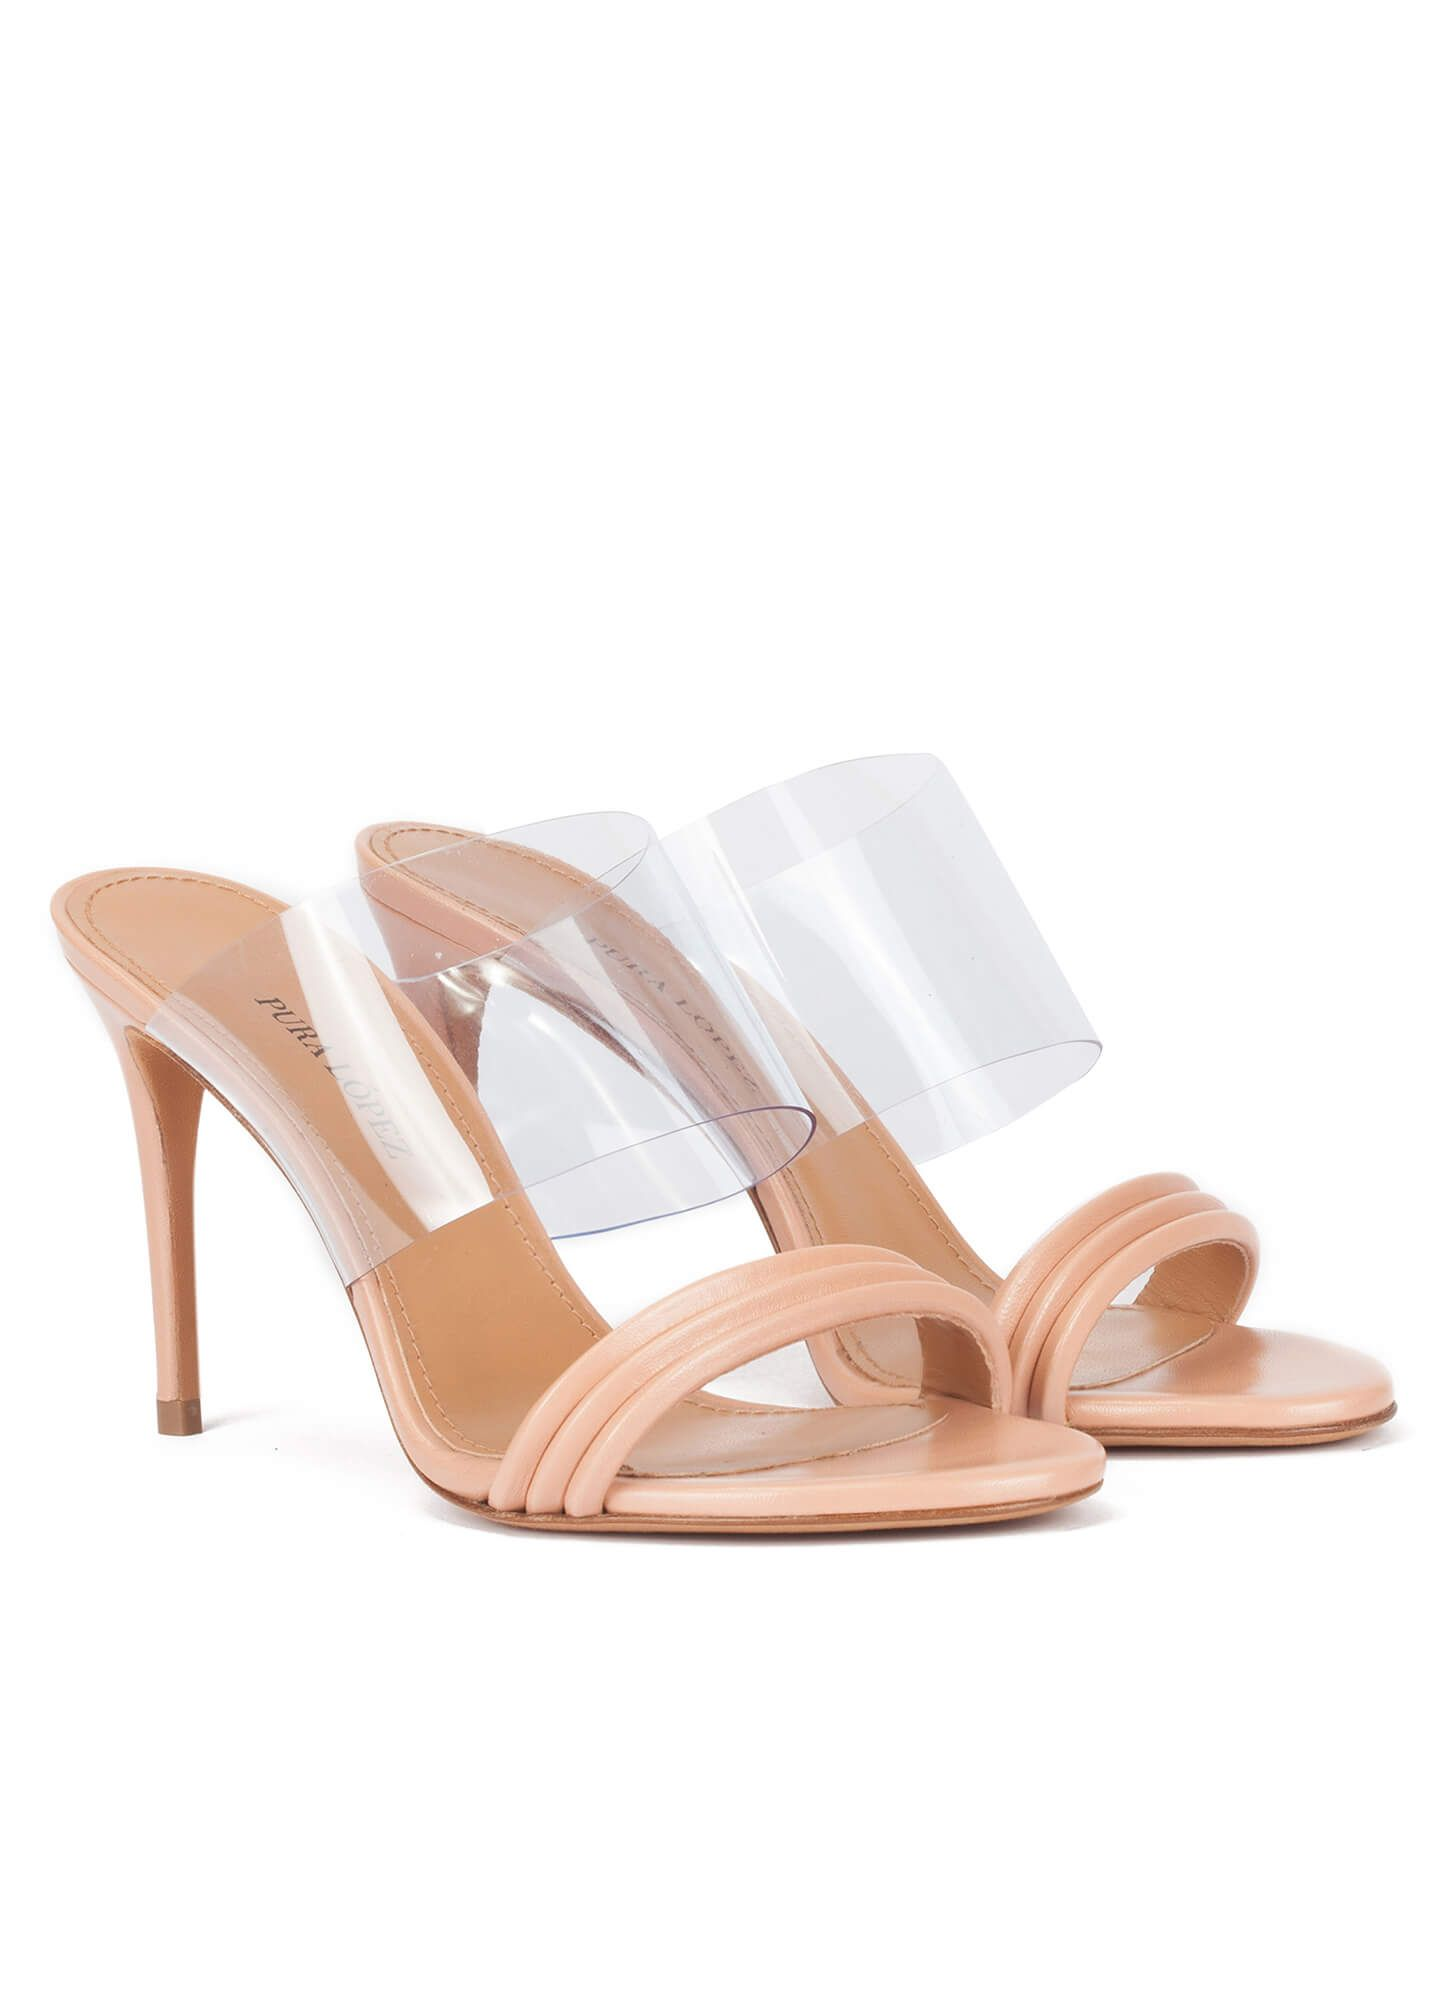 2018Y Invierno Zapatos Catálogo Otoño Pura López wkn0OP